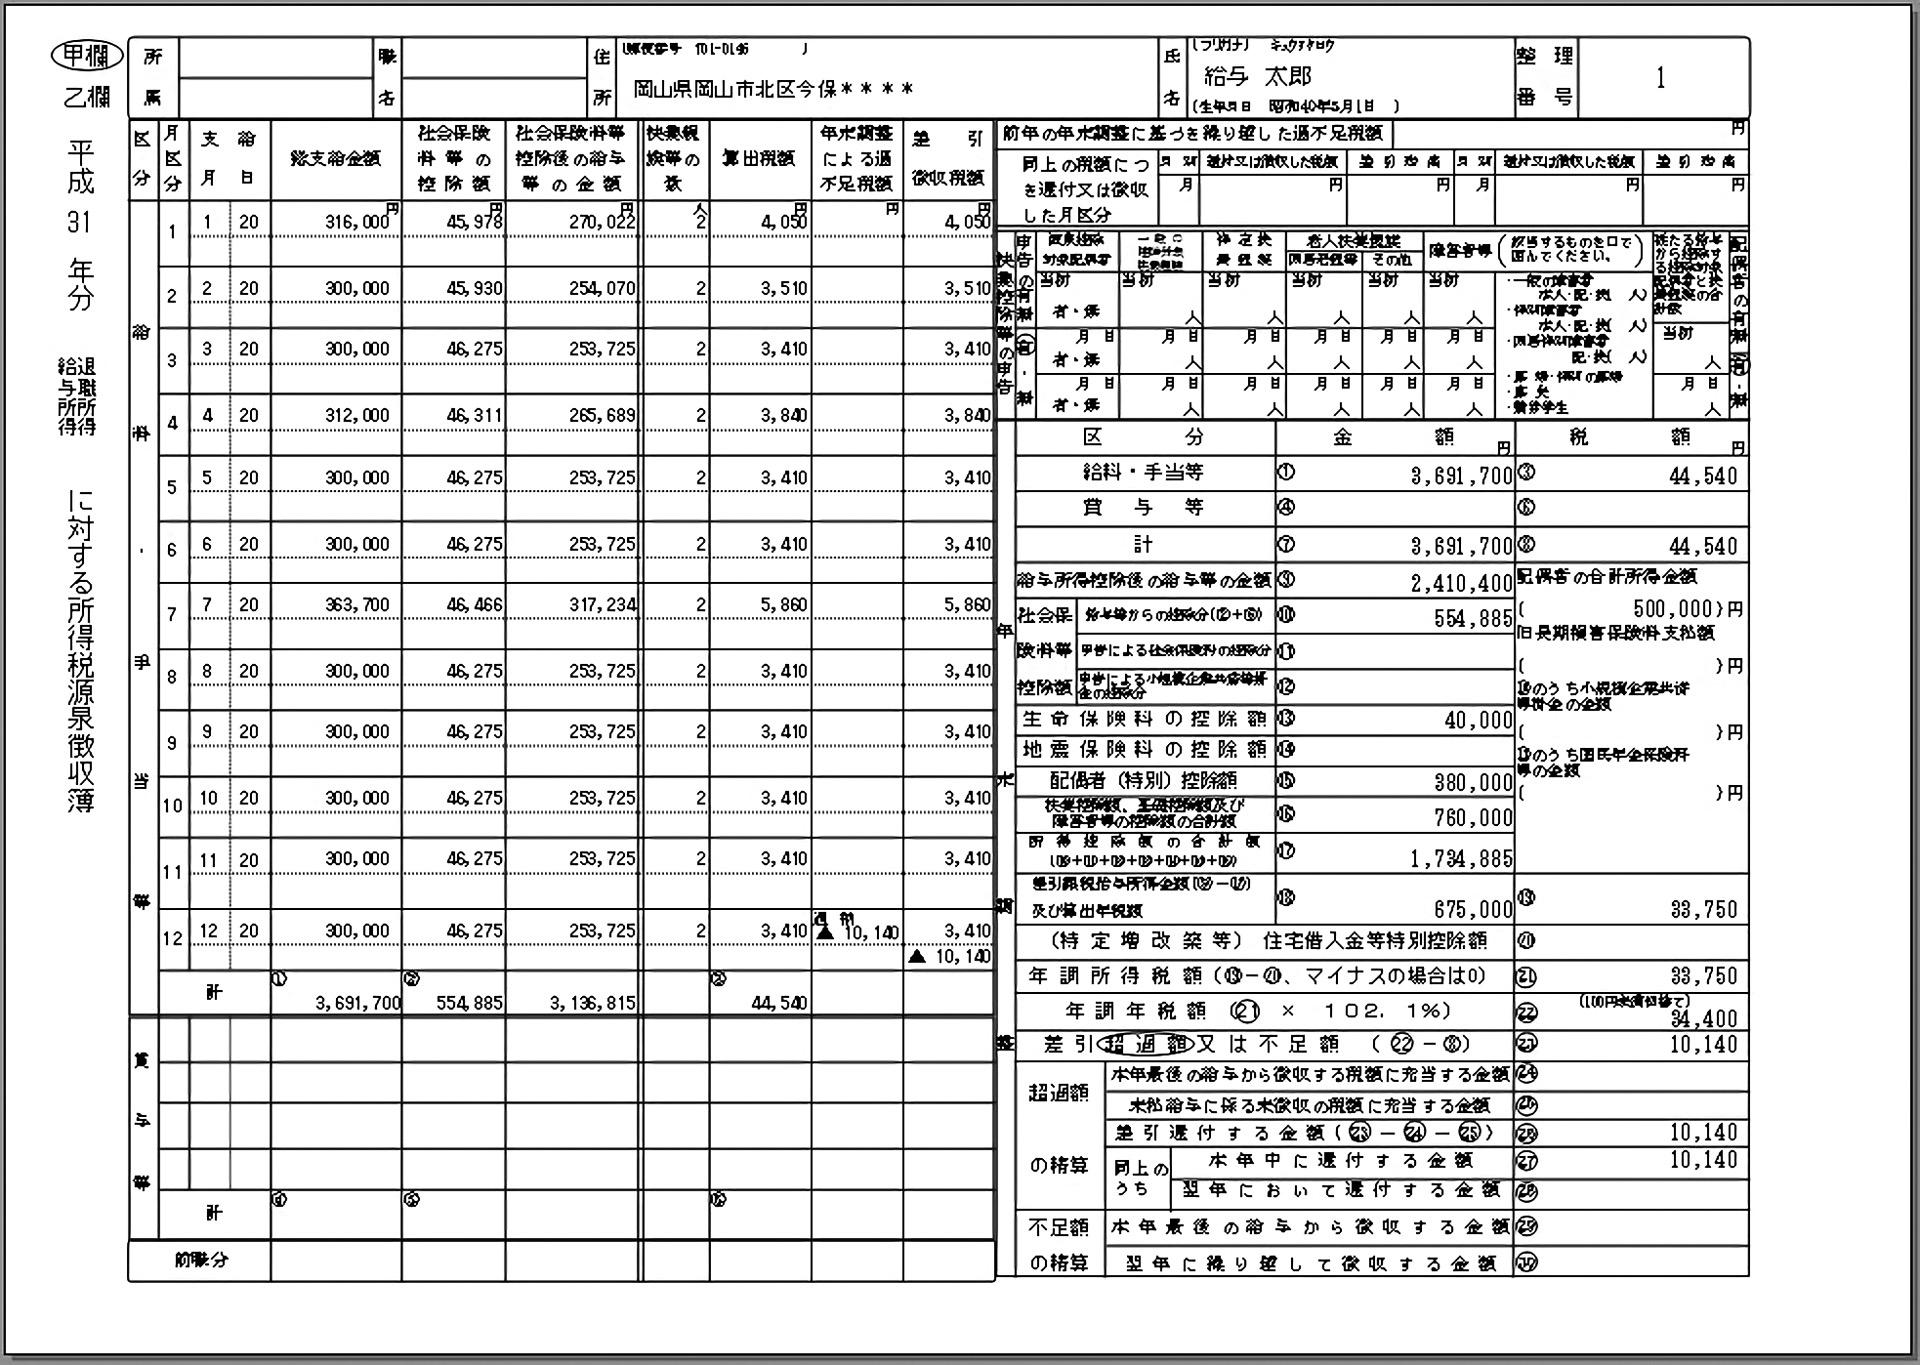 源泉徴収簿の出力画面